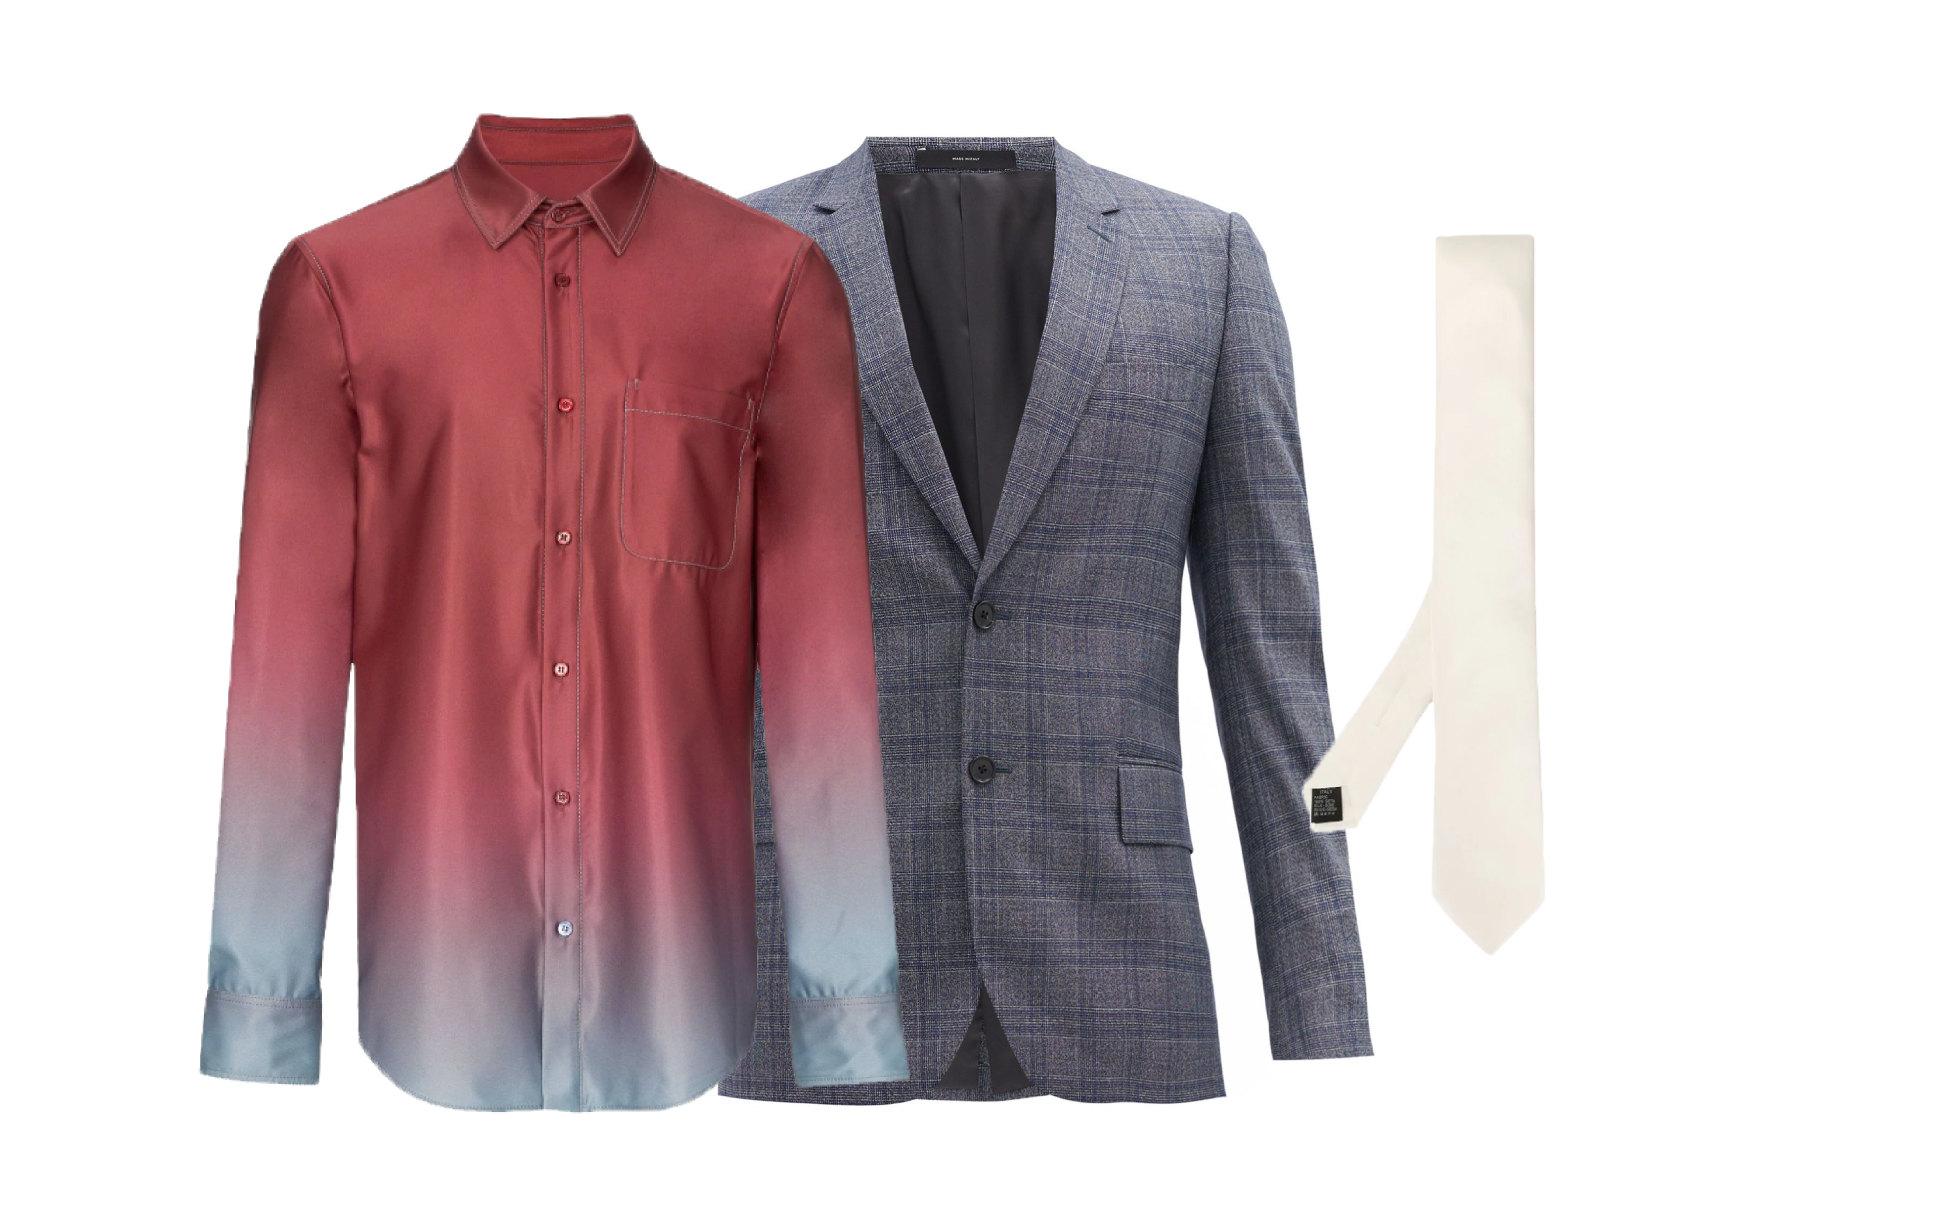 Пиджак Paul Smith, €716 ; рубашка Sies Marjan, 50 764 руб.; галстук Dolce & Gabbana, 9 897 руб.